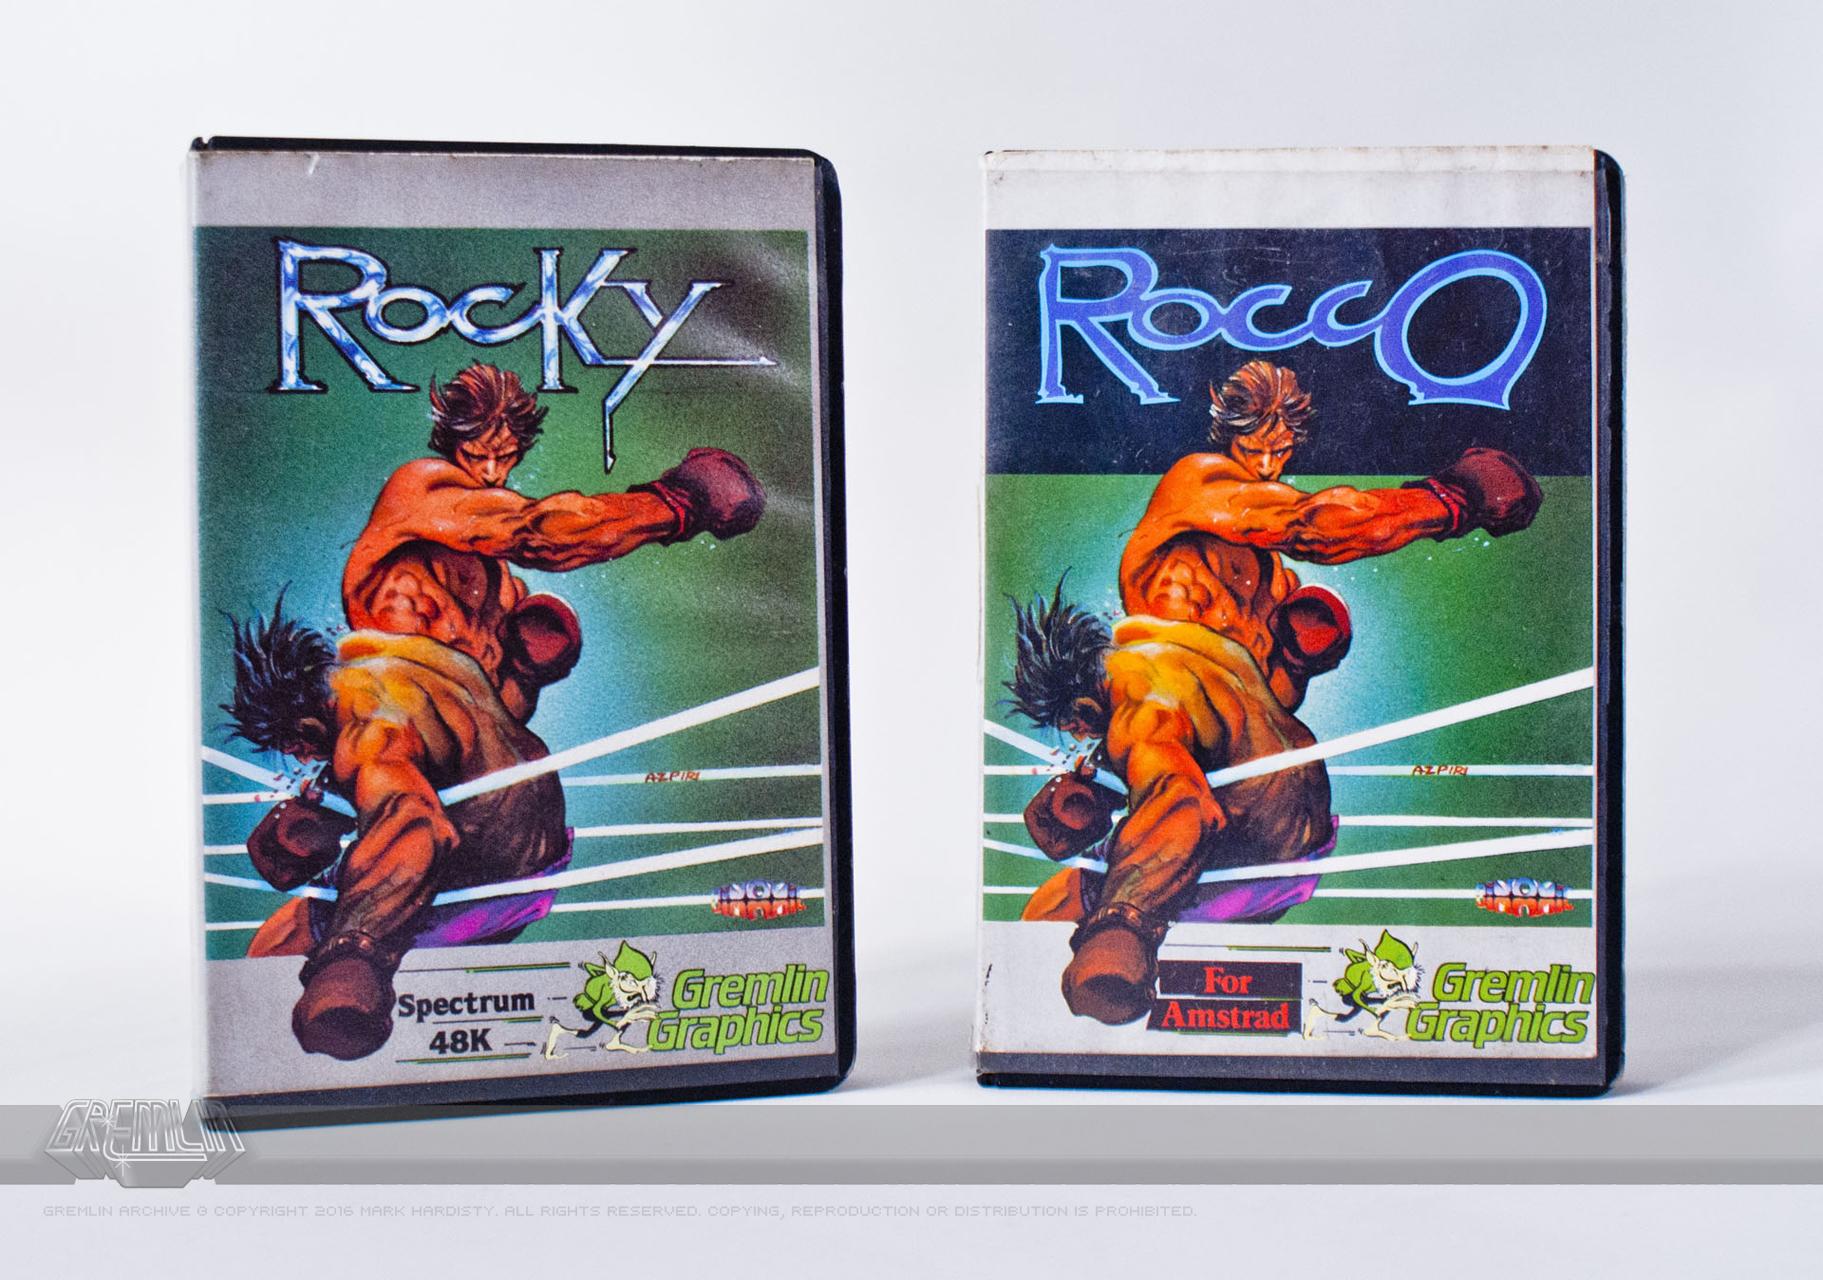 Rocky / Rocco